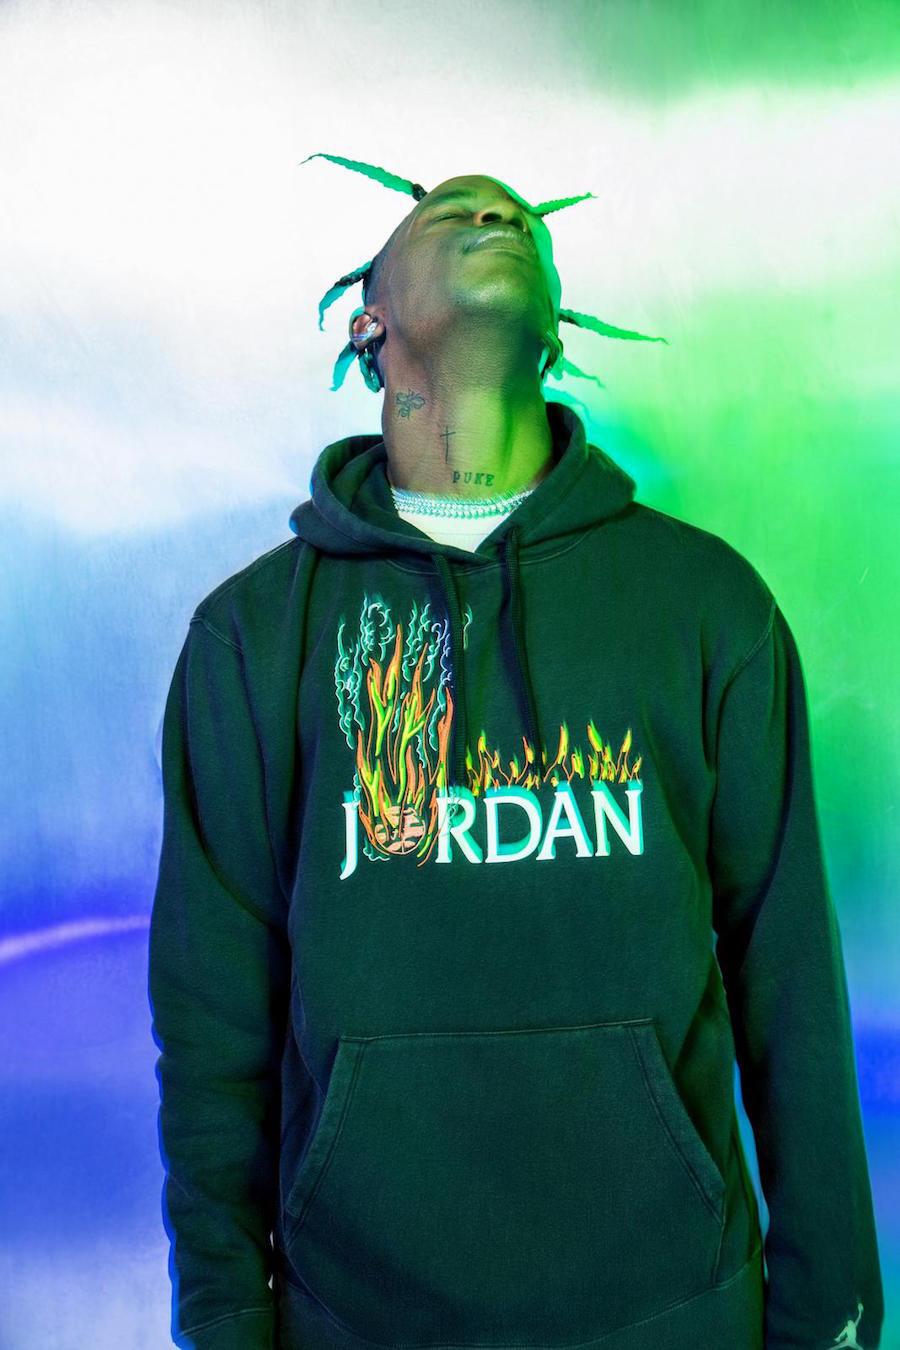 反钩 TS x Air Jordan 1 发售日期 & 店铺信息来了!